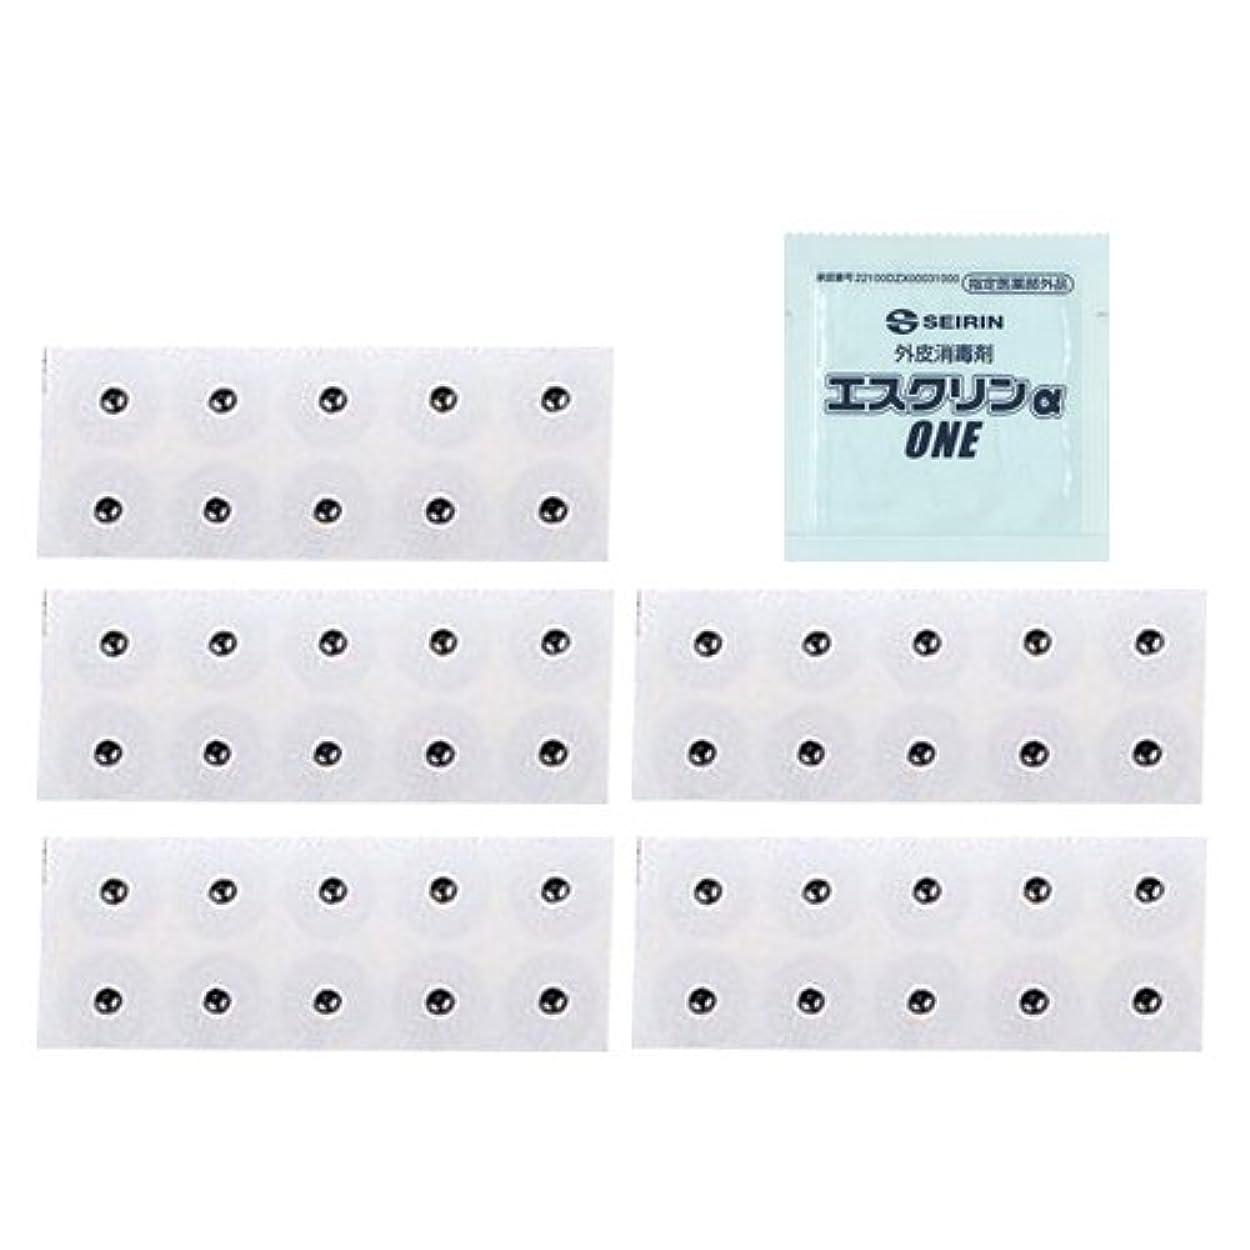 コンチネンタルマーケティング反動ユニコバン S 10本入 (995012) (太さ0.22×長さ1.1×磁石5.5mm) × 5シート + エスクリンαONE(1包)セット